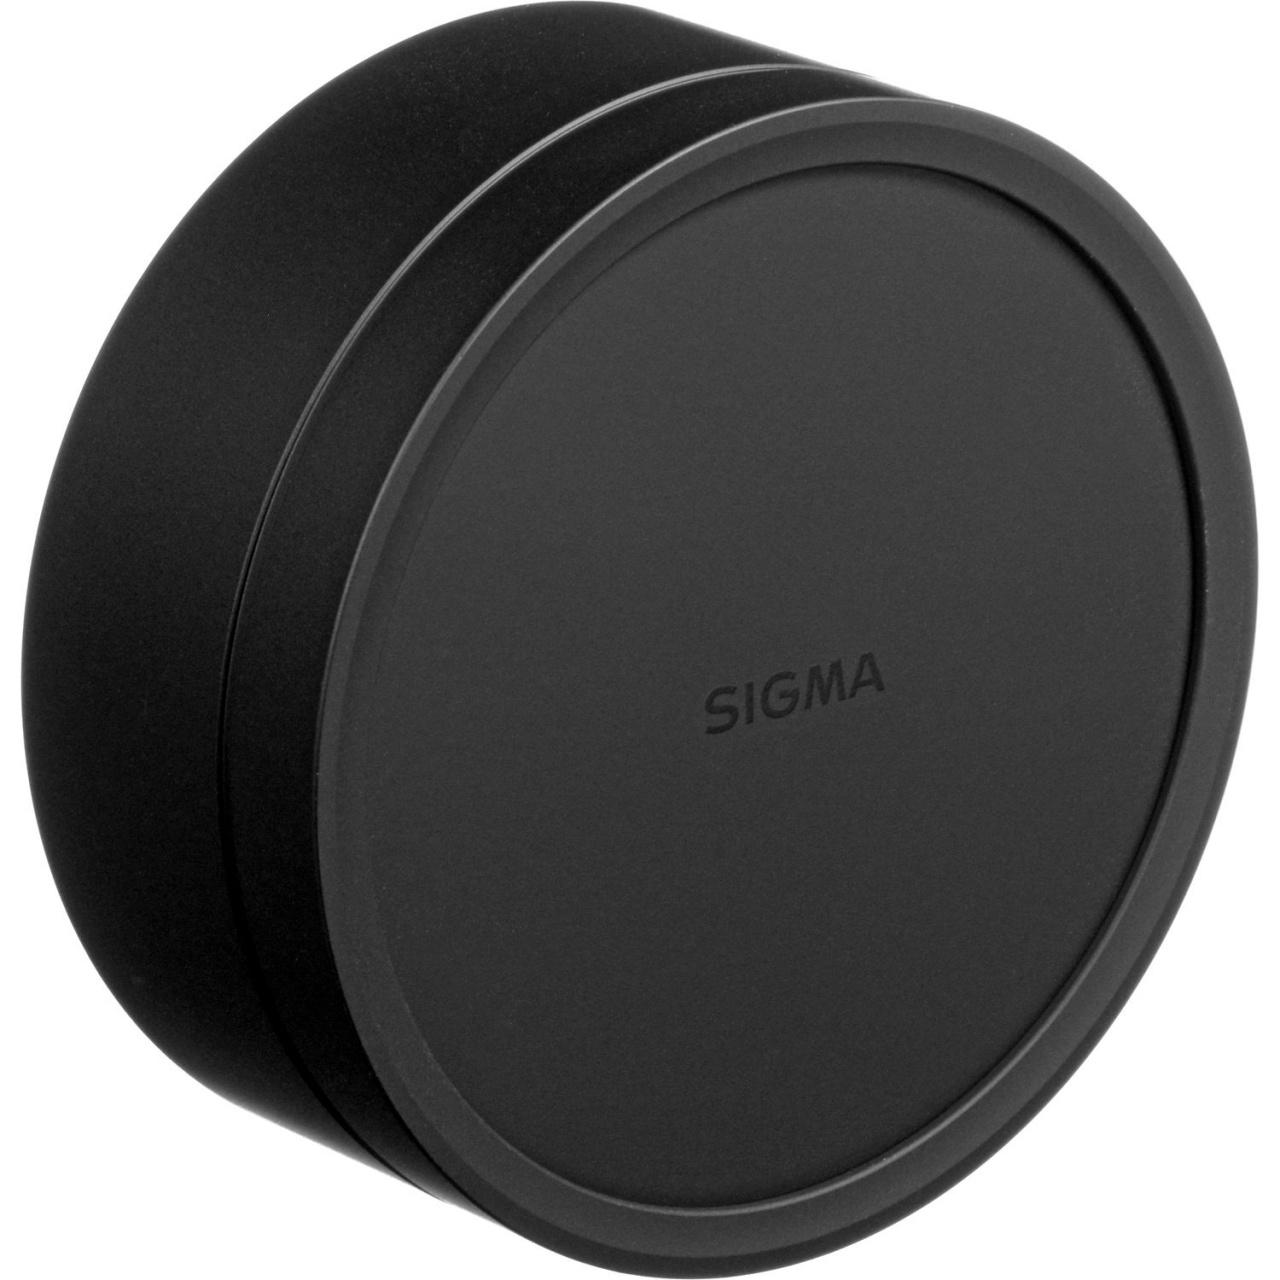 SIGMA krytka LC735-01 pro 8-16/4,5-5,6 a 15/2,8 Fisheye